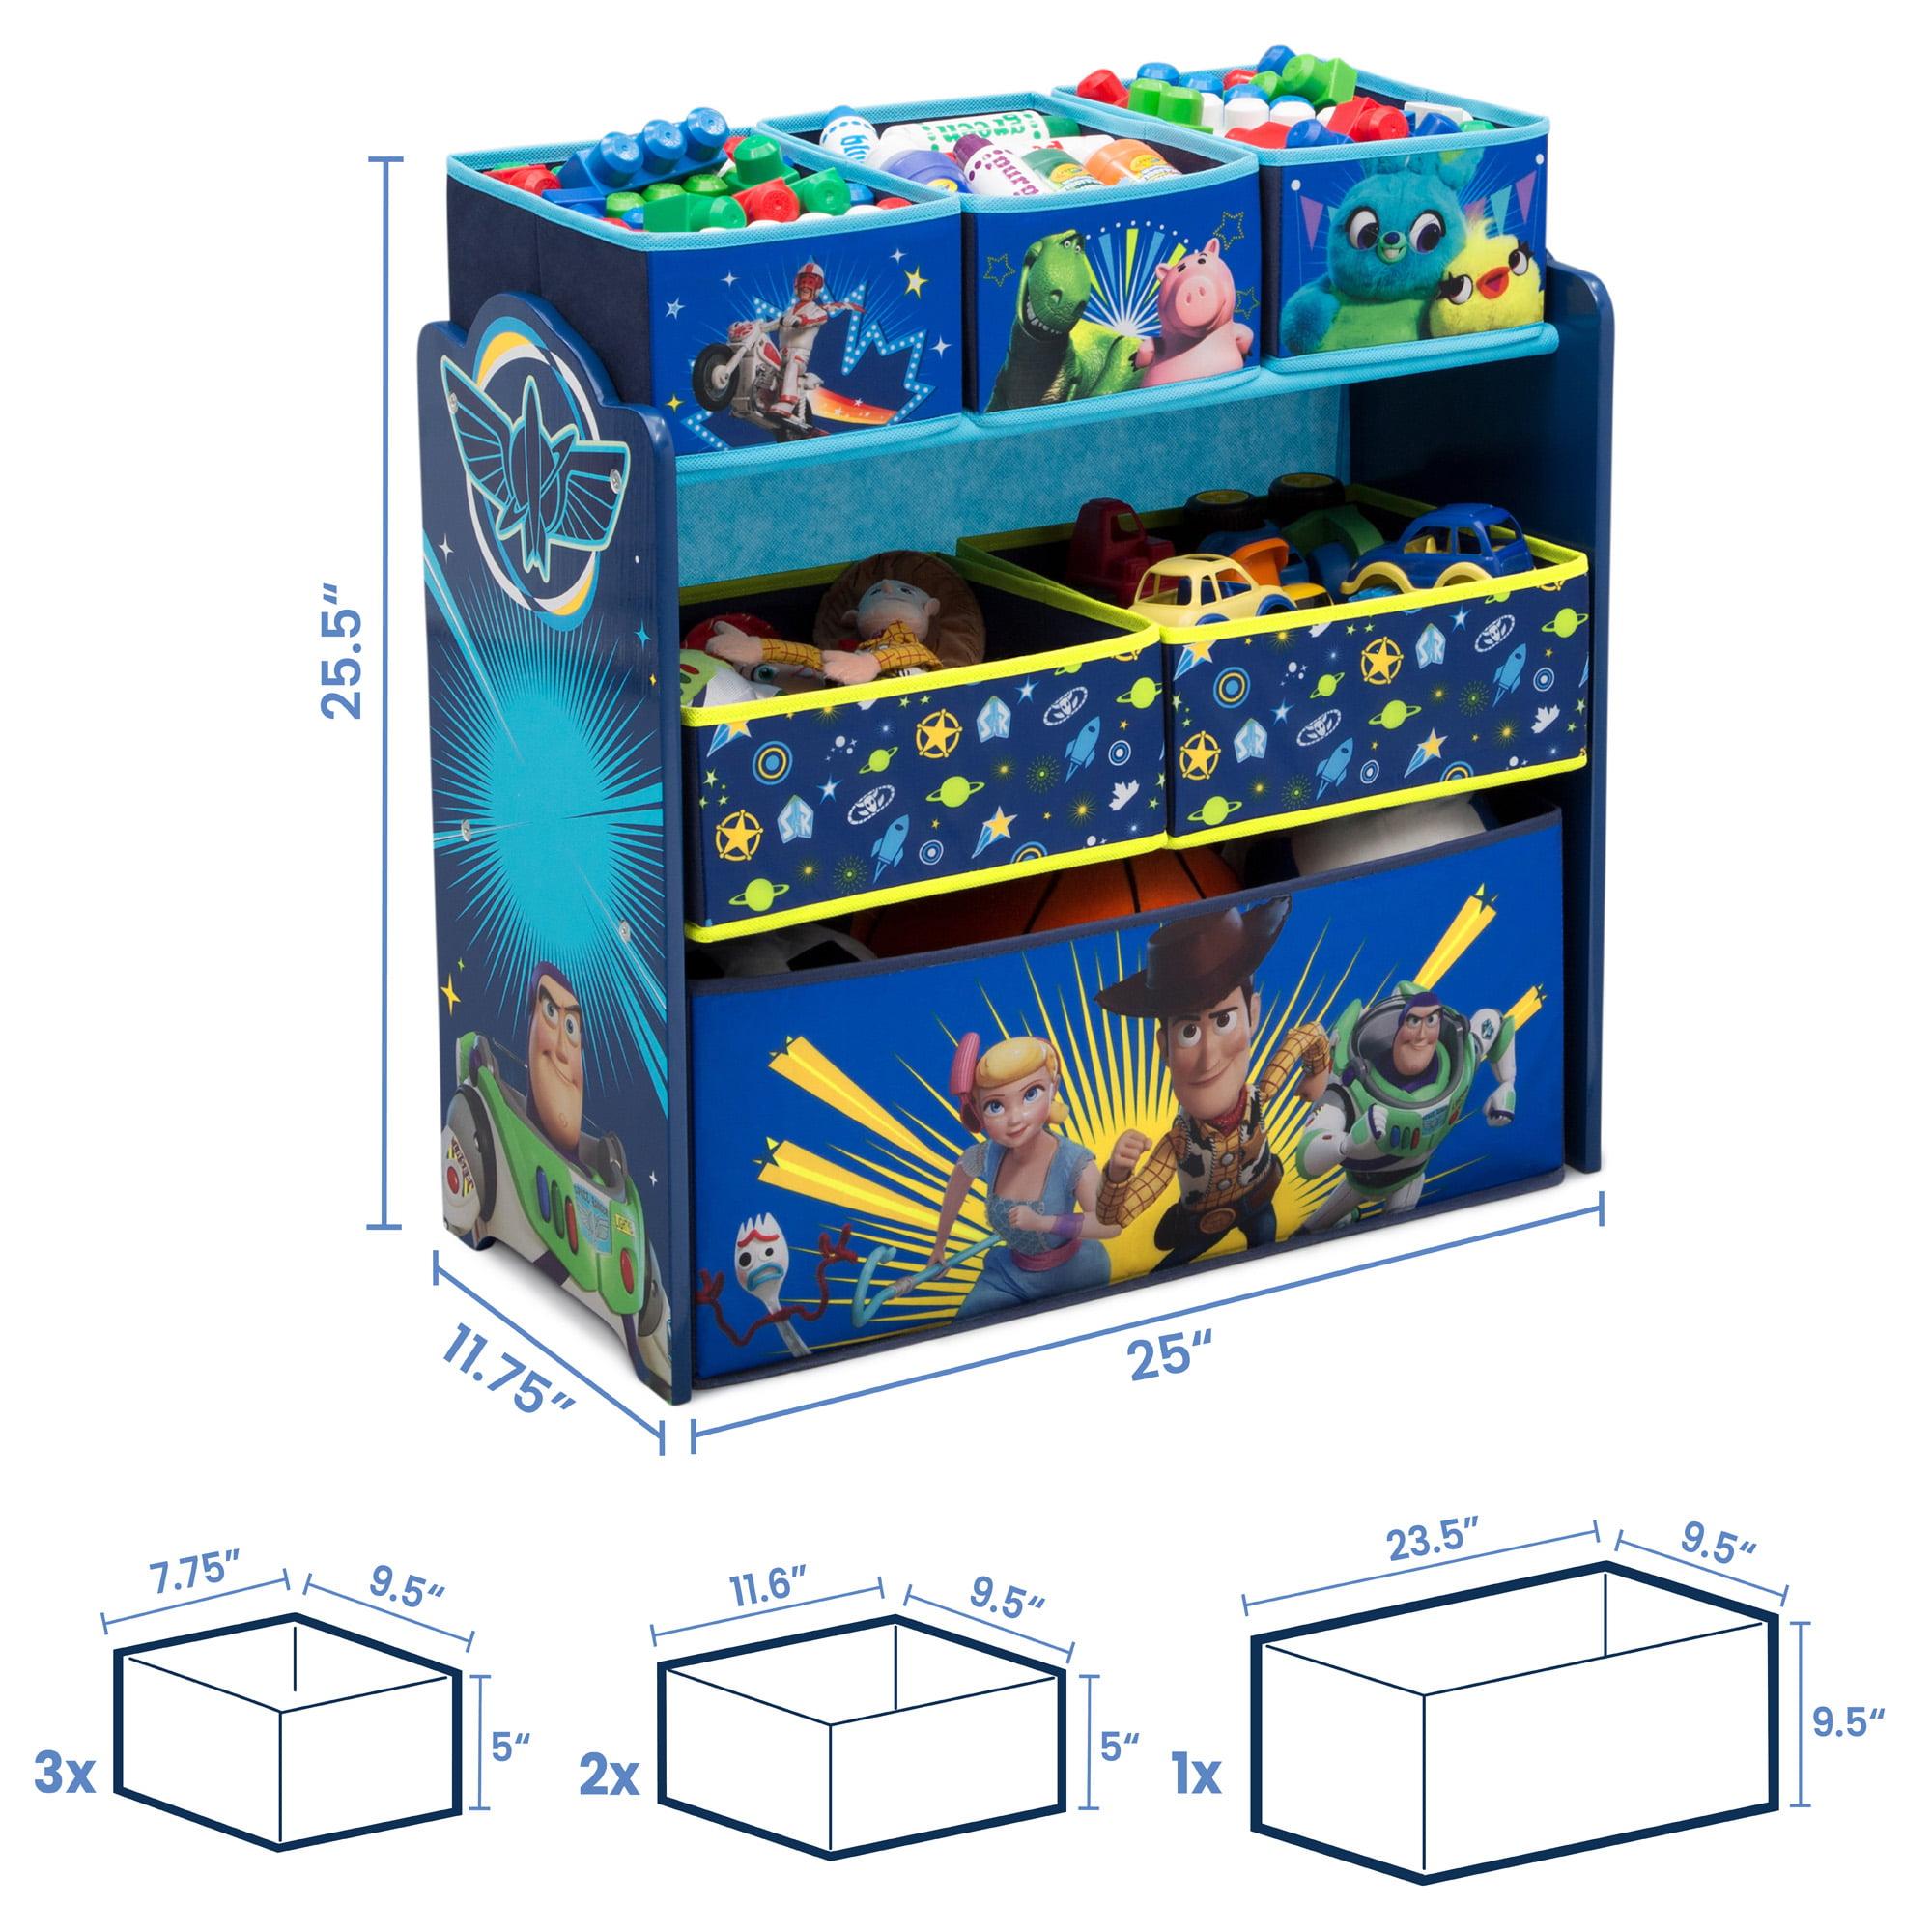 Disney/Pixar Toy Story 4 Design and Store Toy Organizer by Delta Children -  Walmart.com - Walmart.com